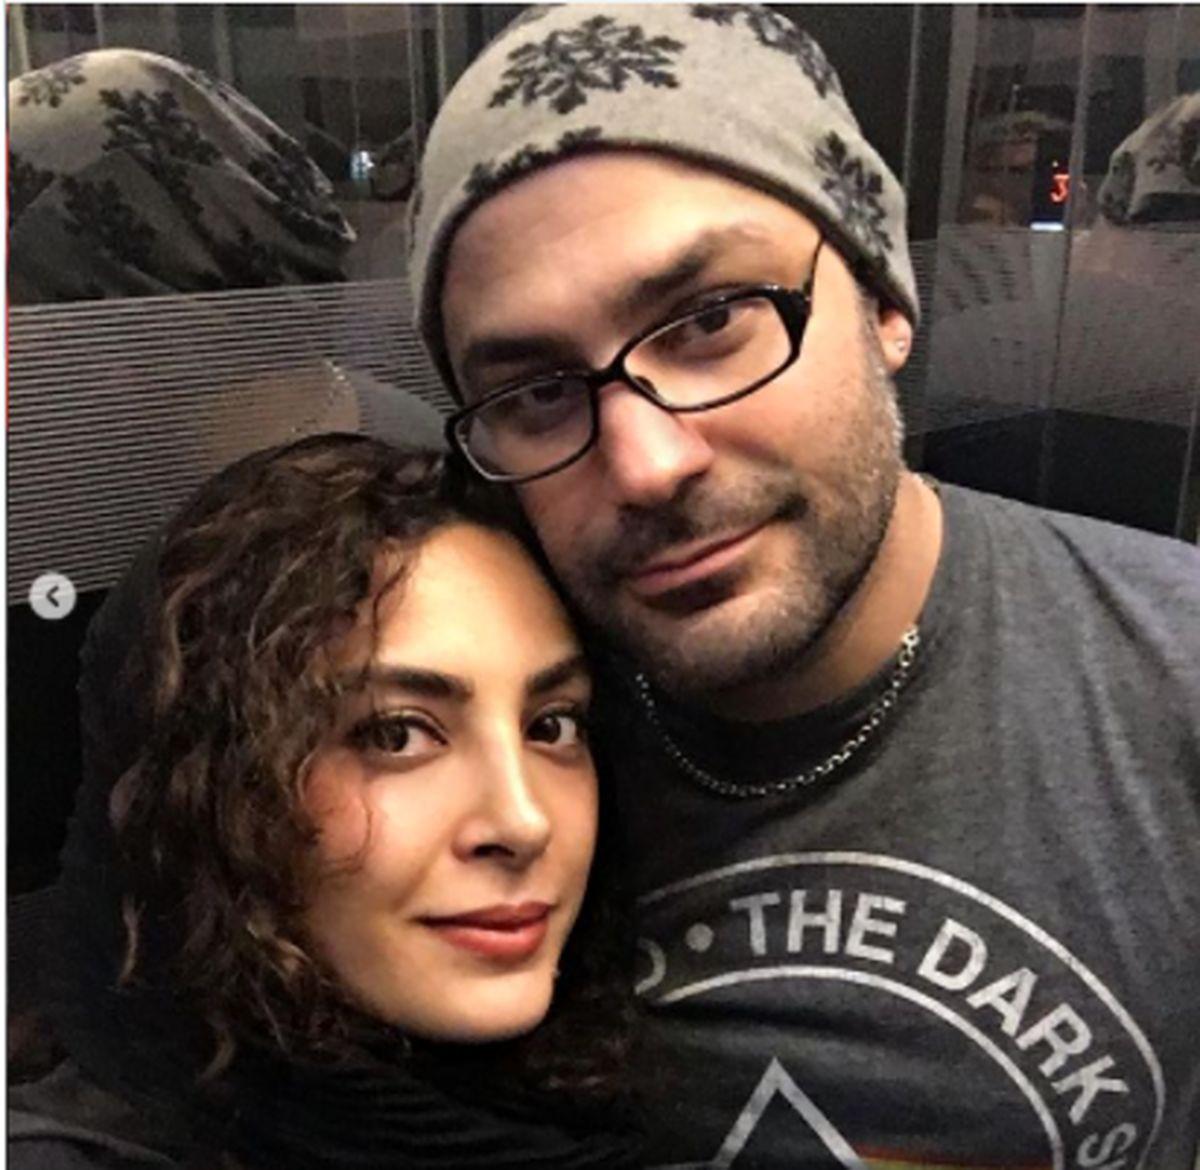 حدیثه تهرانی و همسرش در آغوش هم در آسانسور + عکس